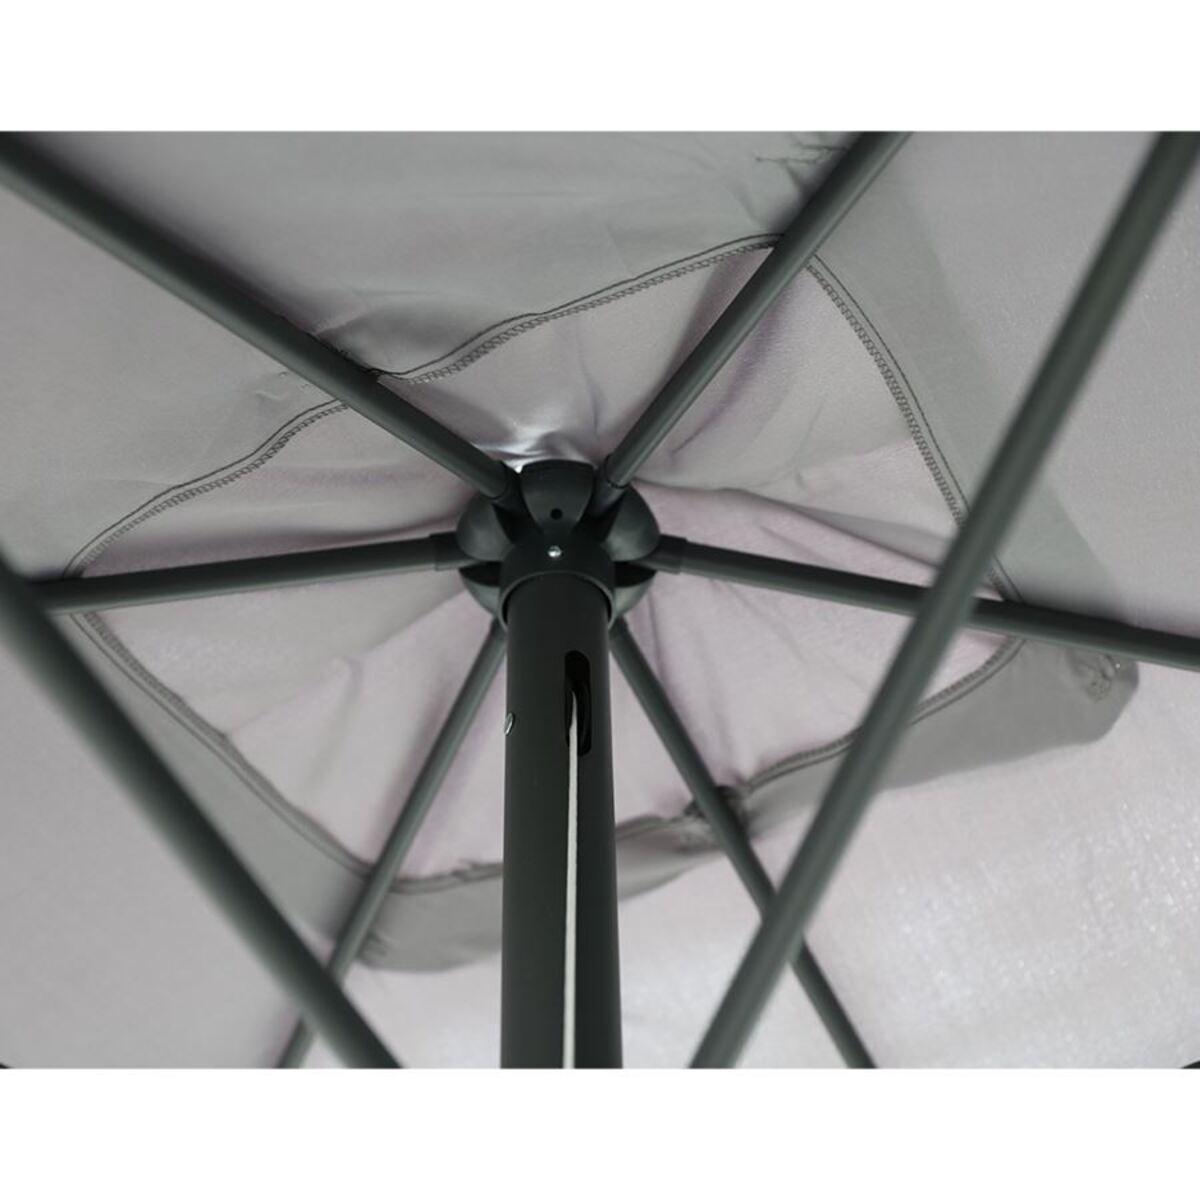 Bild 4 von Alu-Sonnenschirm rechteckig 3x2m Weiss